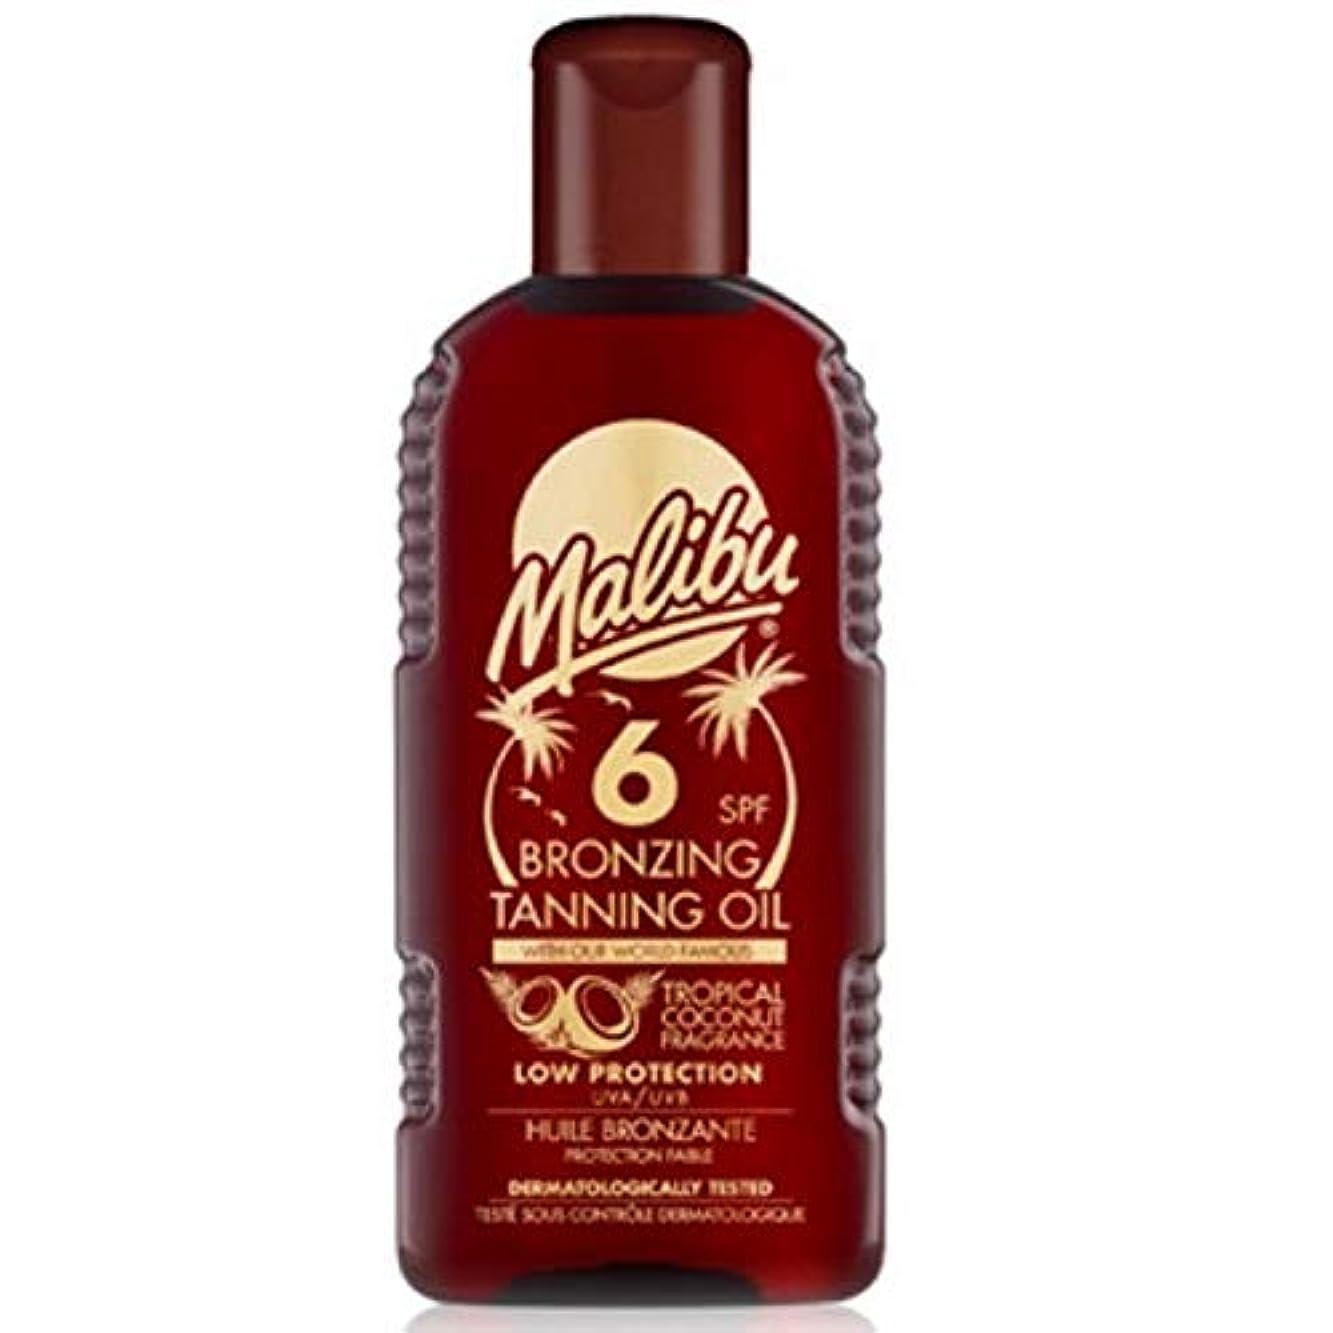 活力メール創始者[Malibu ] マリブブロンズ日焼けオイルSp6 - Malibu Bronzing Tanning Oil Sp6 [並行輸入品]